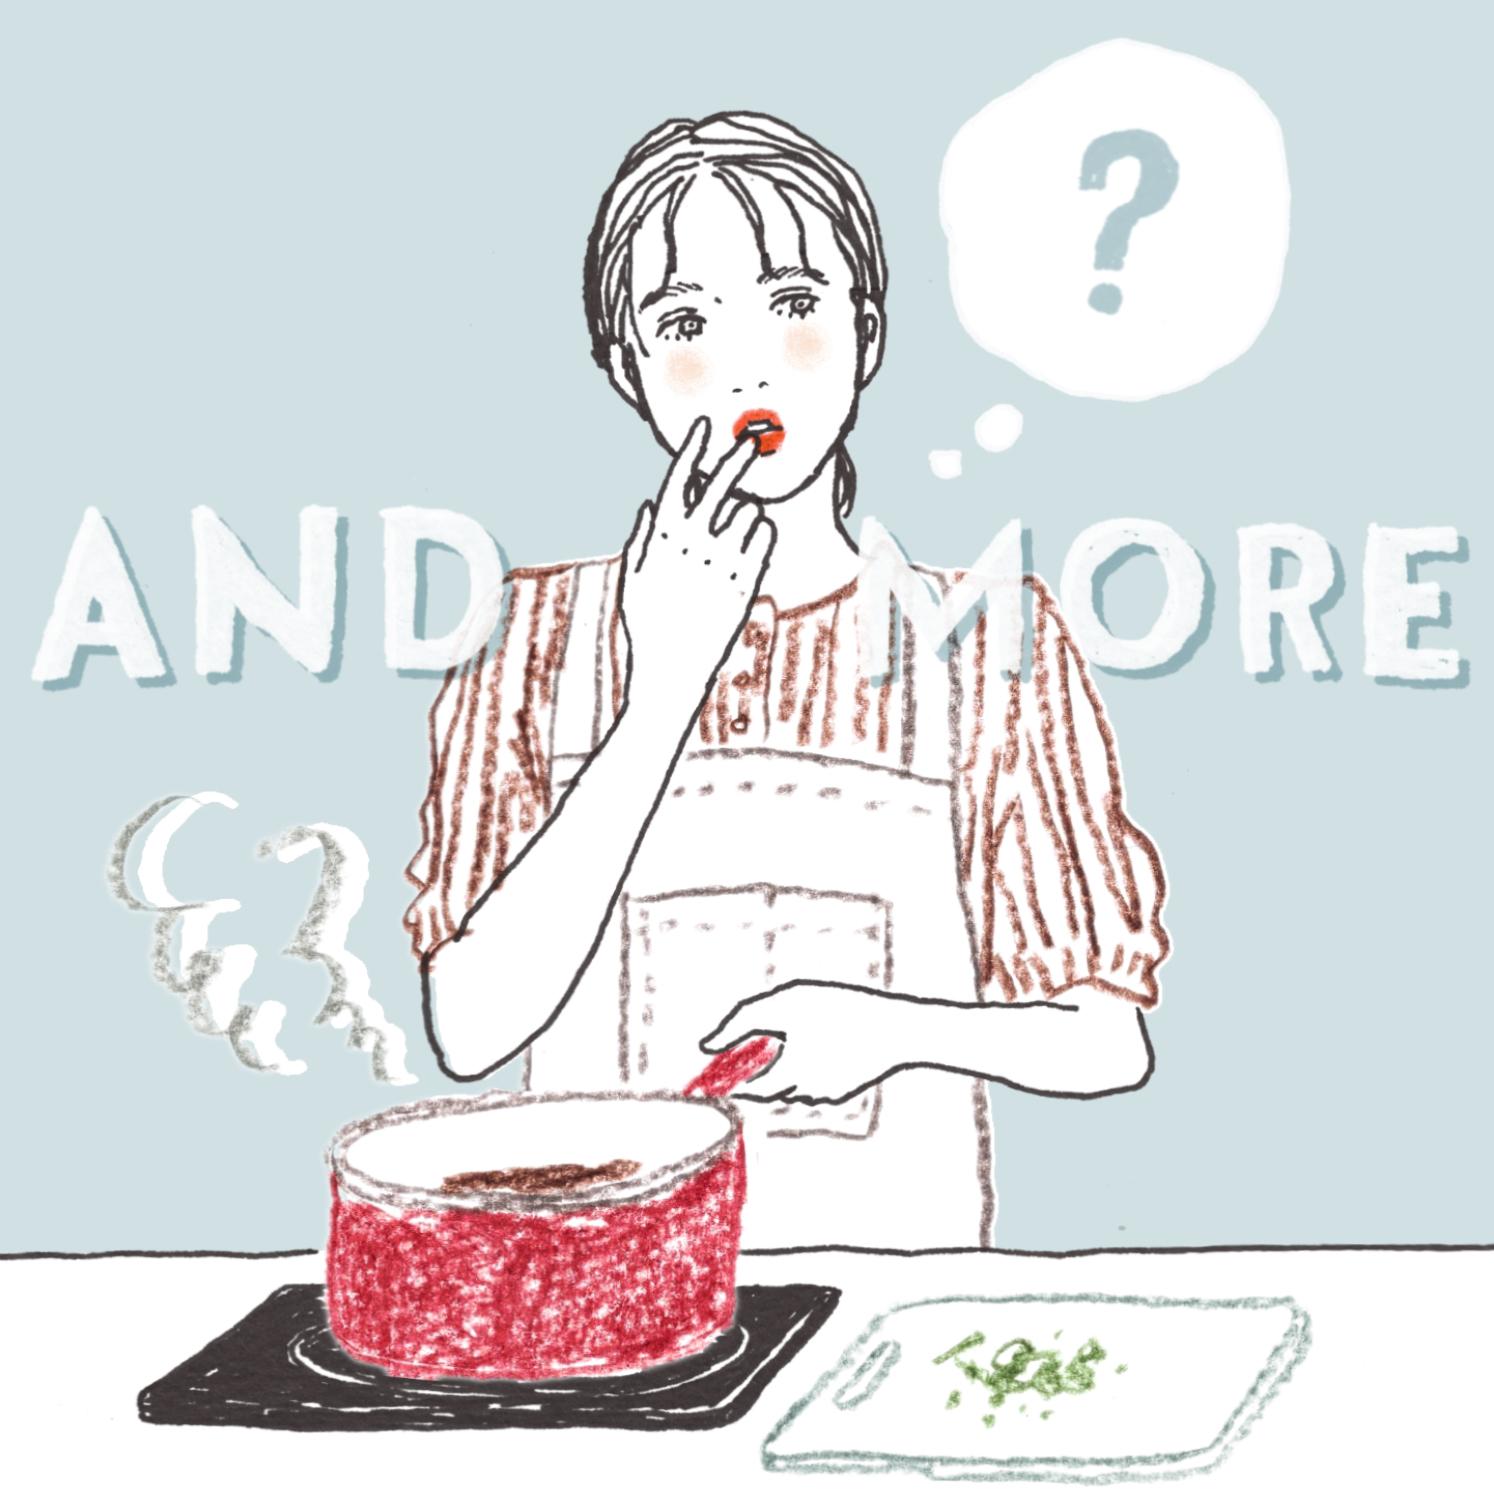 Q:彼のために料理を作ったあなた。「何かが足りない」と追加した調味料は次のうちどれでしたか?